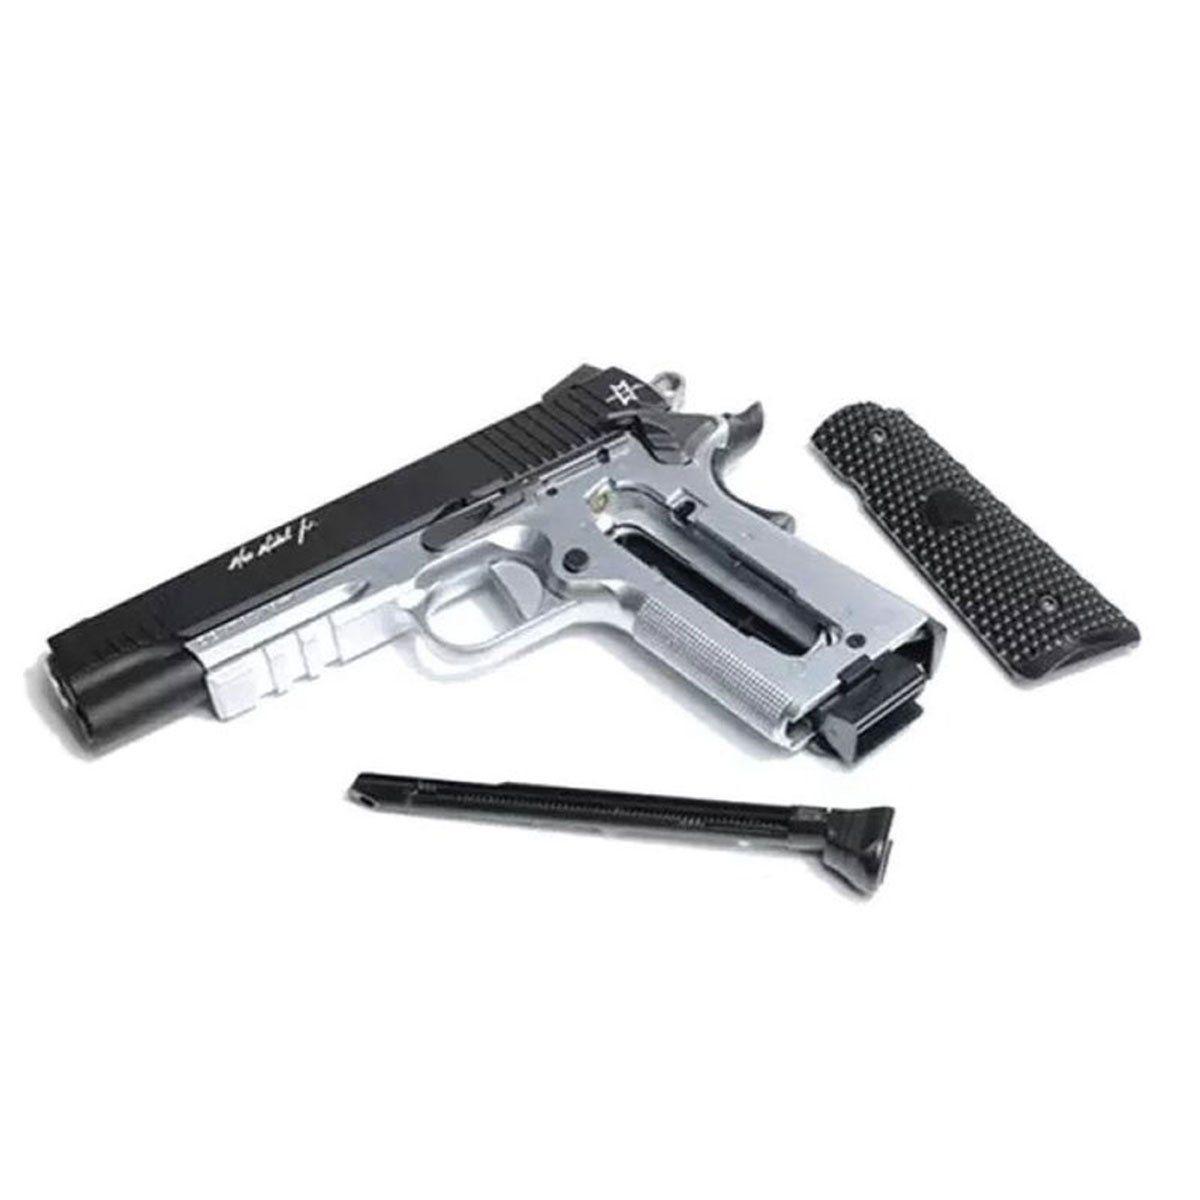 Pistola de Pressão Sig Sauer CO2 1911 Max Full Metal Blowback 4.5mm